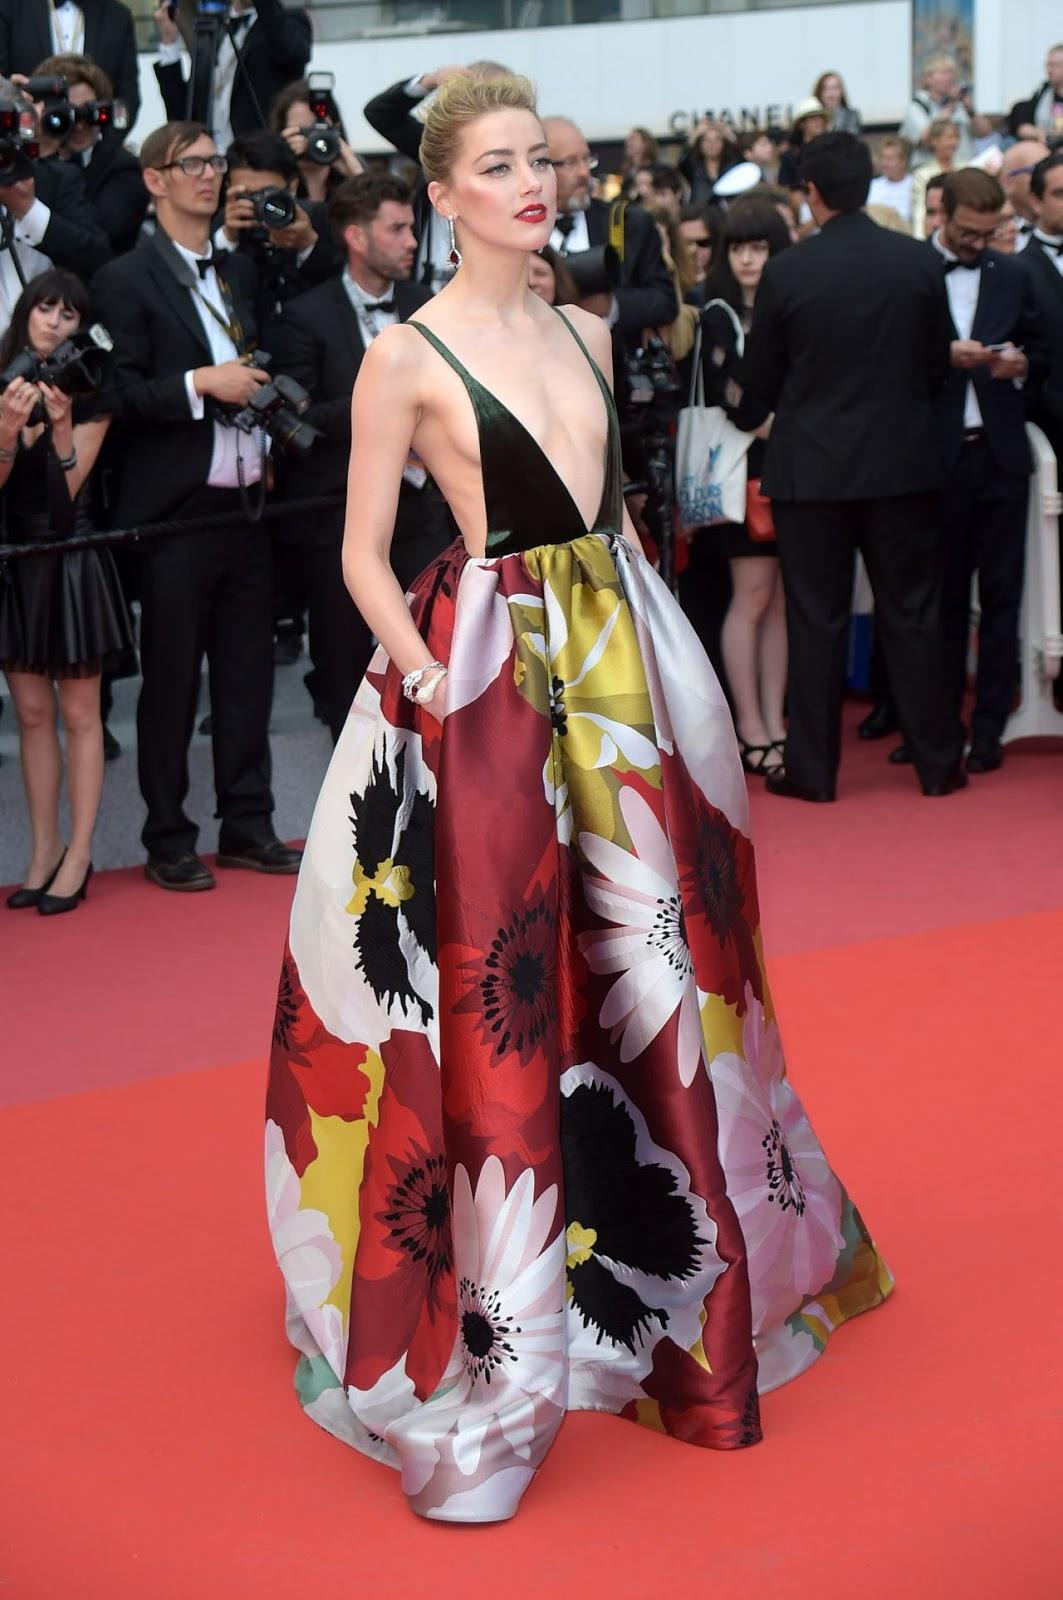 """Американская актриса Э́мбер Хёрд - премьера фильма Sorry Angel"""" на 71-м Канском кинофестивале."""